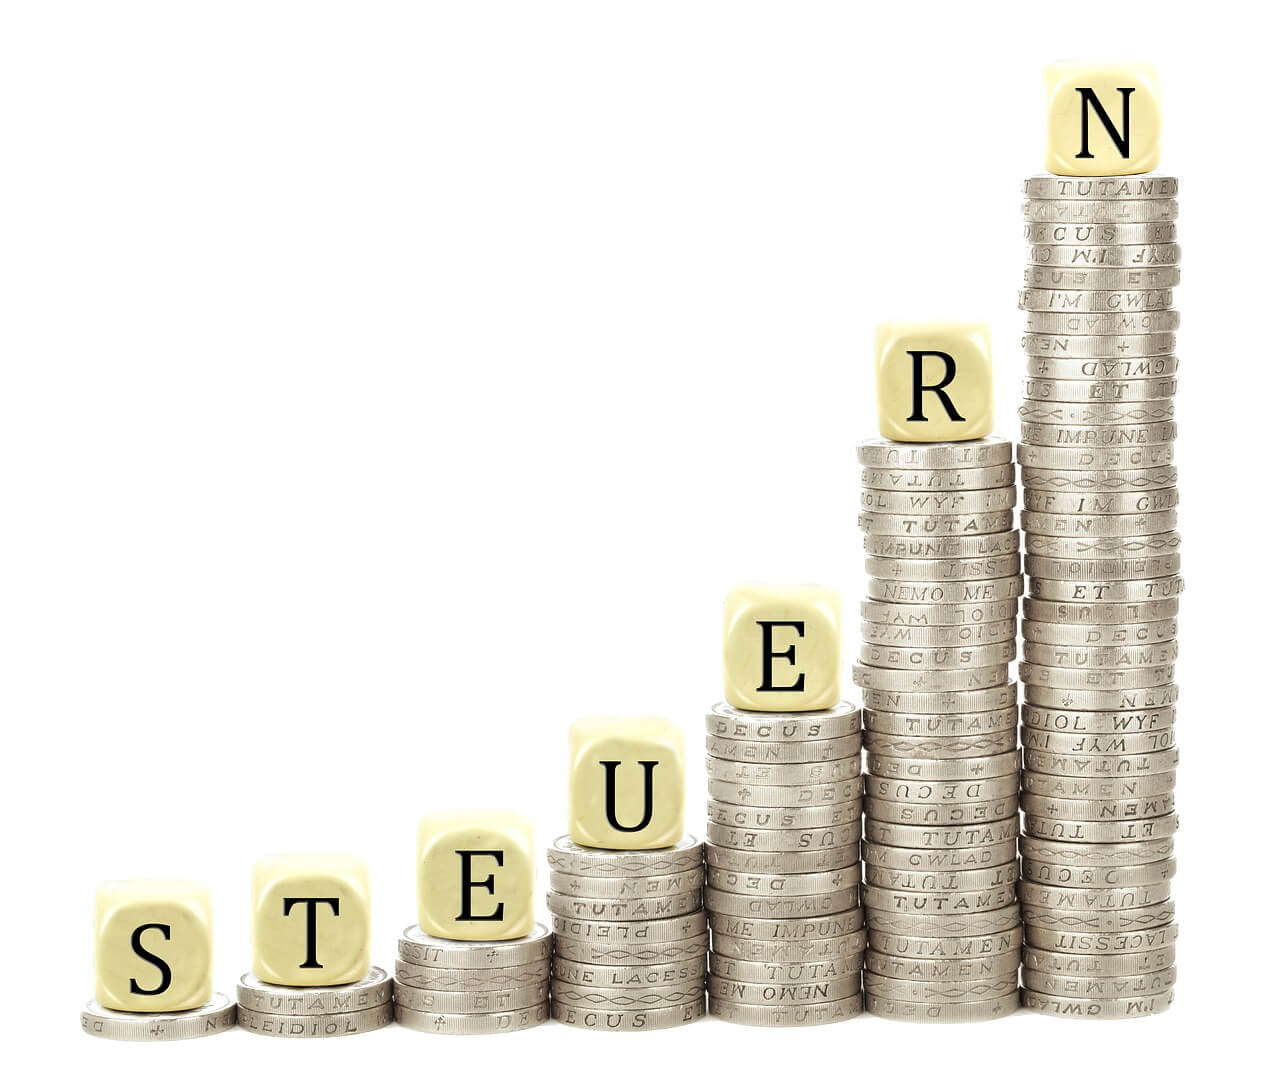 Nachzahlungszinsen: Bayern fordert eine Verzinsung von drei Prozent p.a.